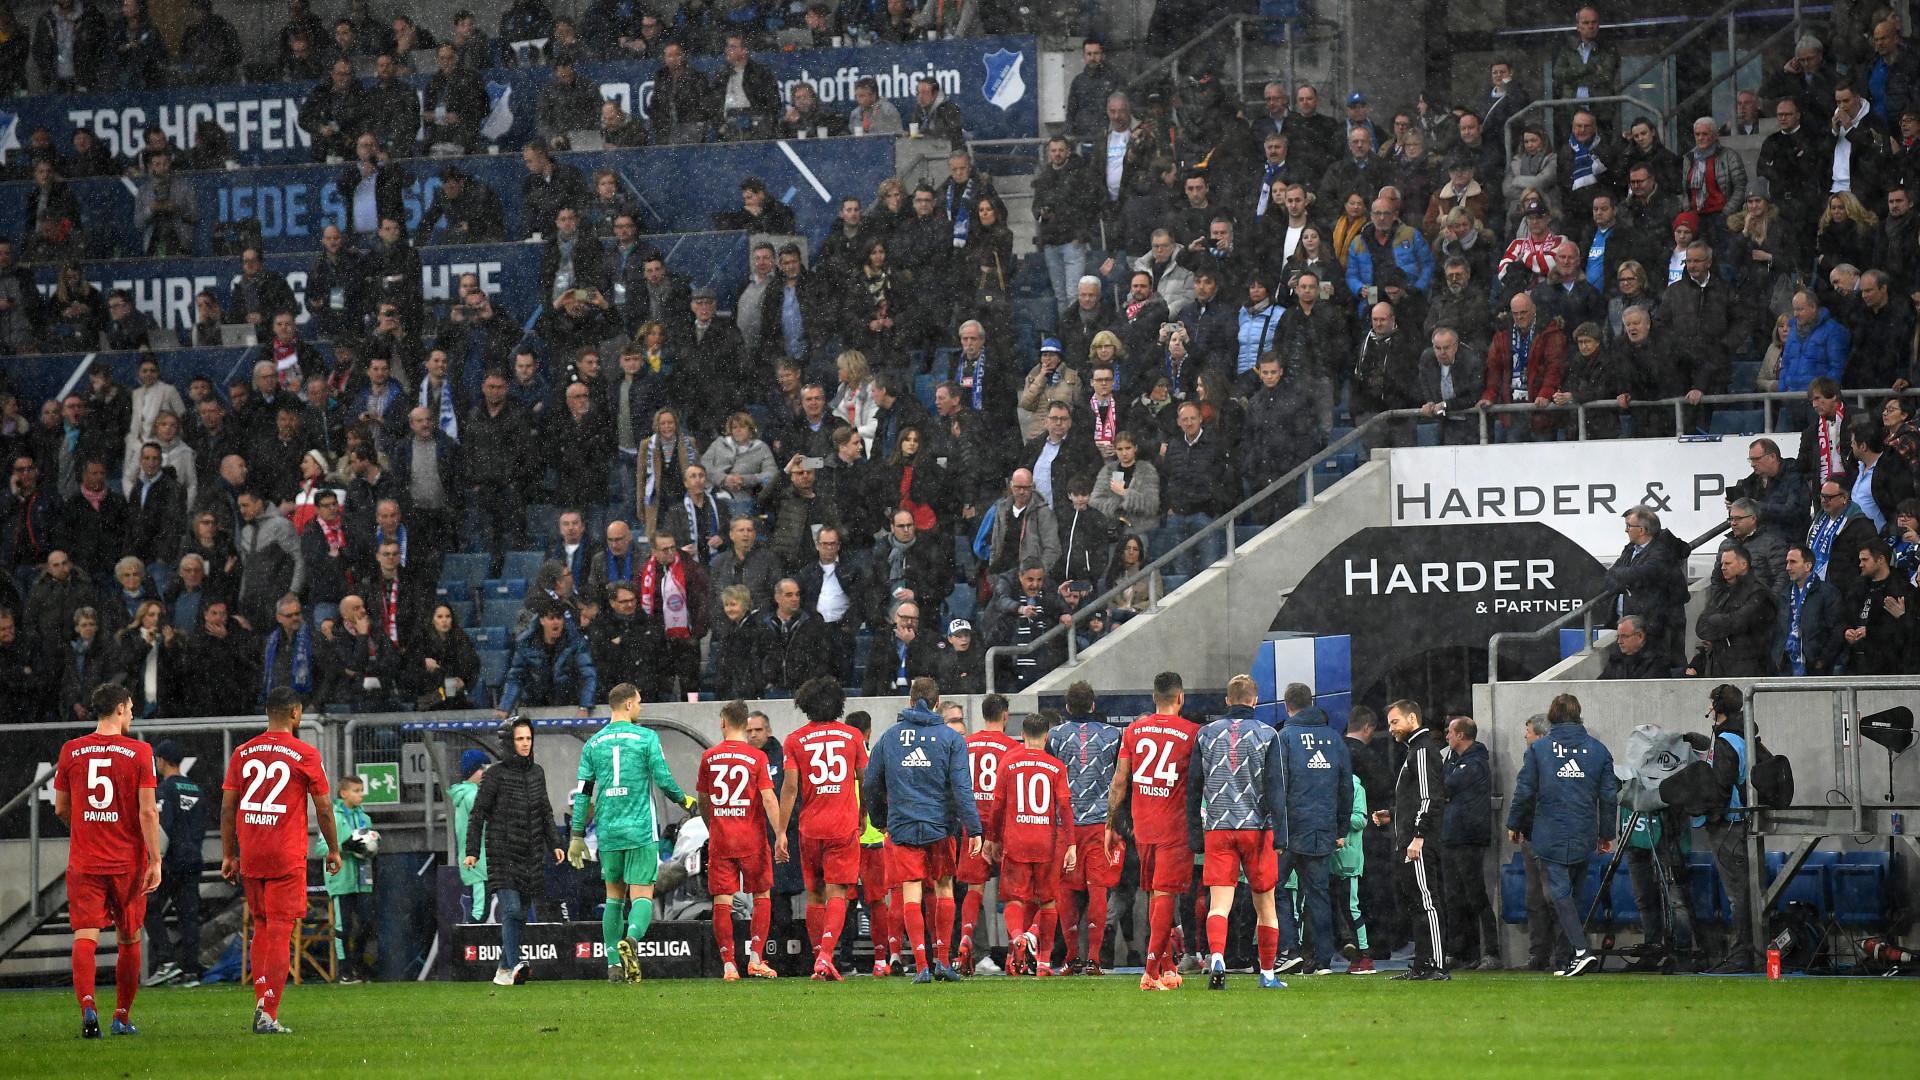 Vidéo : scène surréaliste avec les supporters bavarois lors de Hoffenheim-Bayern